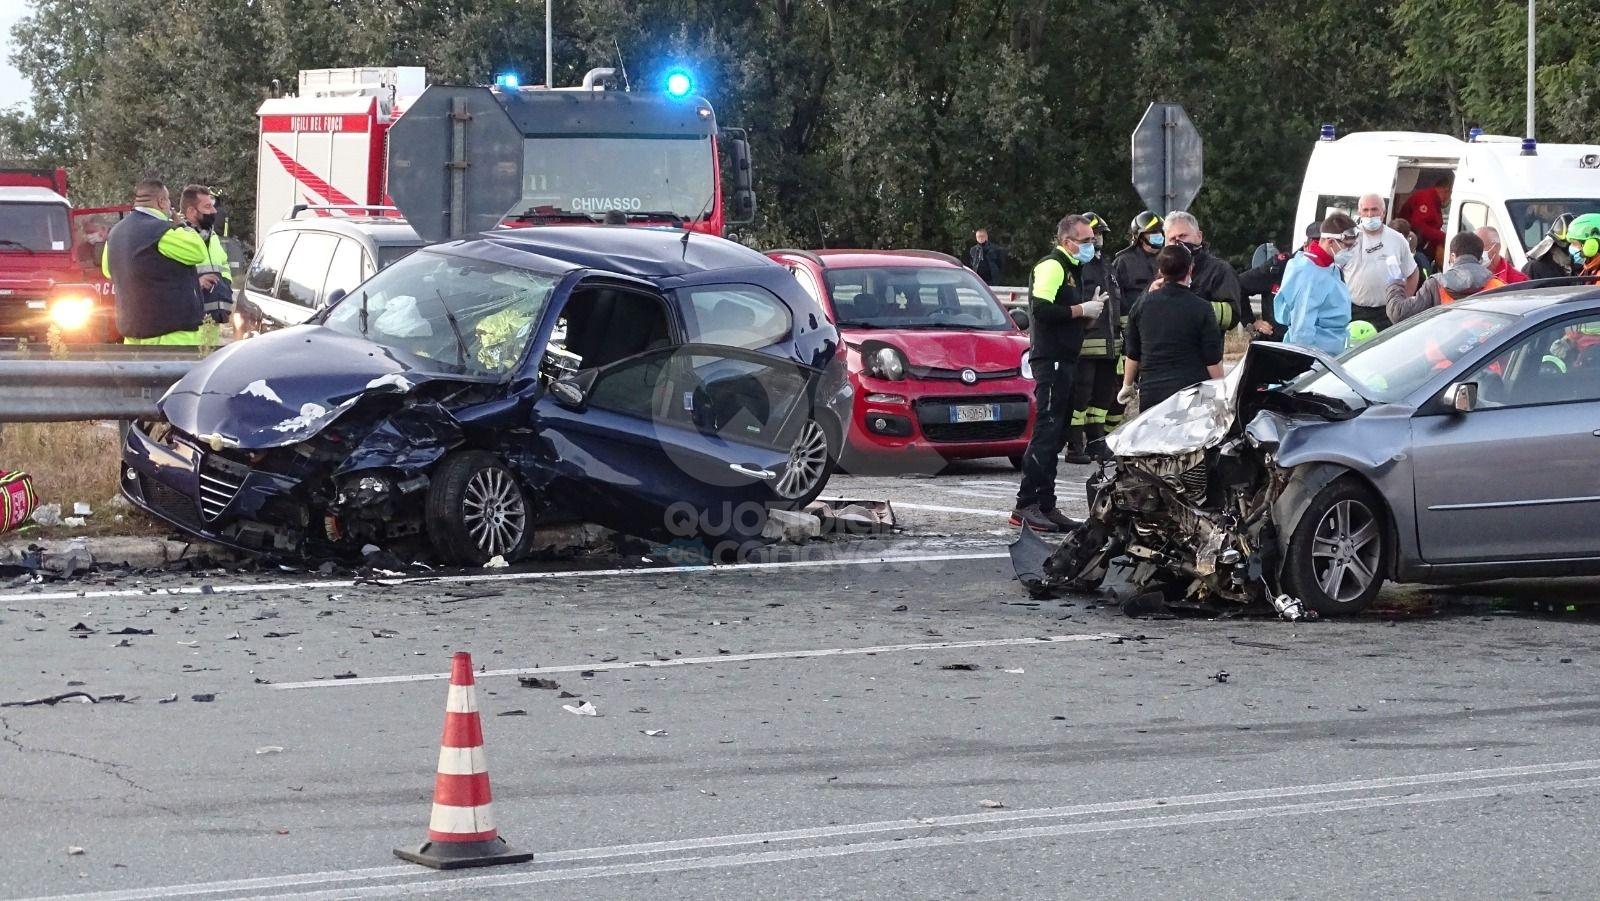 VOLPIANO - Terribile scontro tra auto in via Torino: tre feriti, due vetture distrutte - FOTO